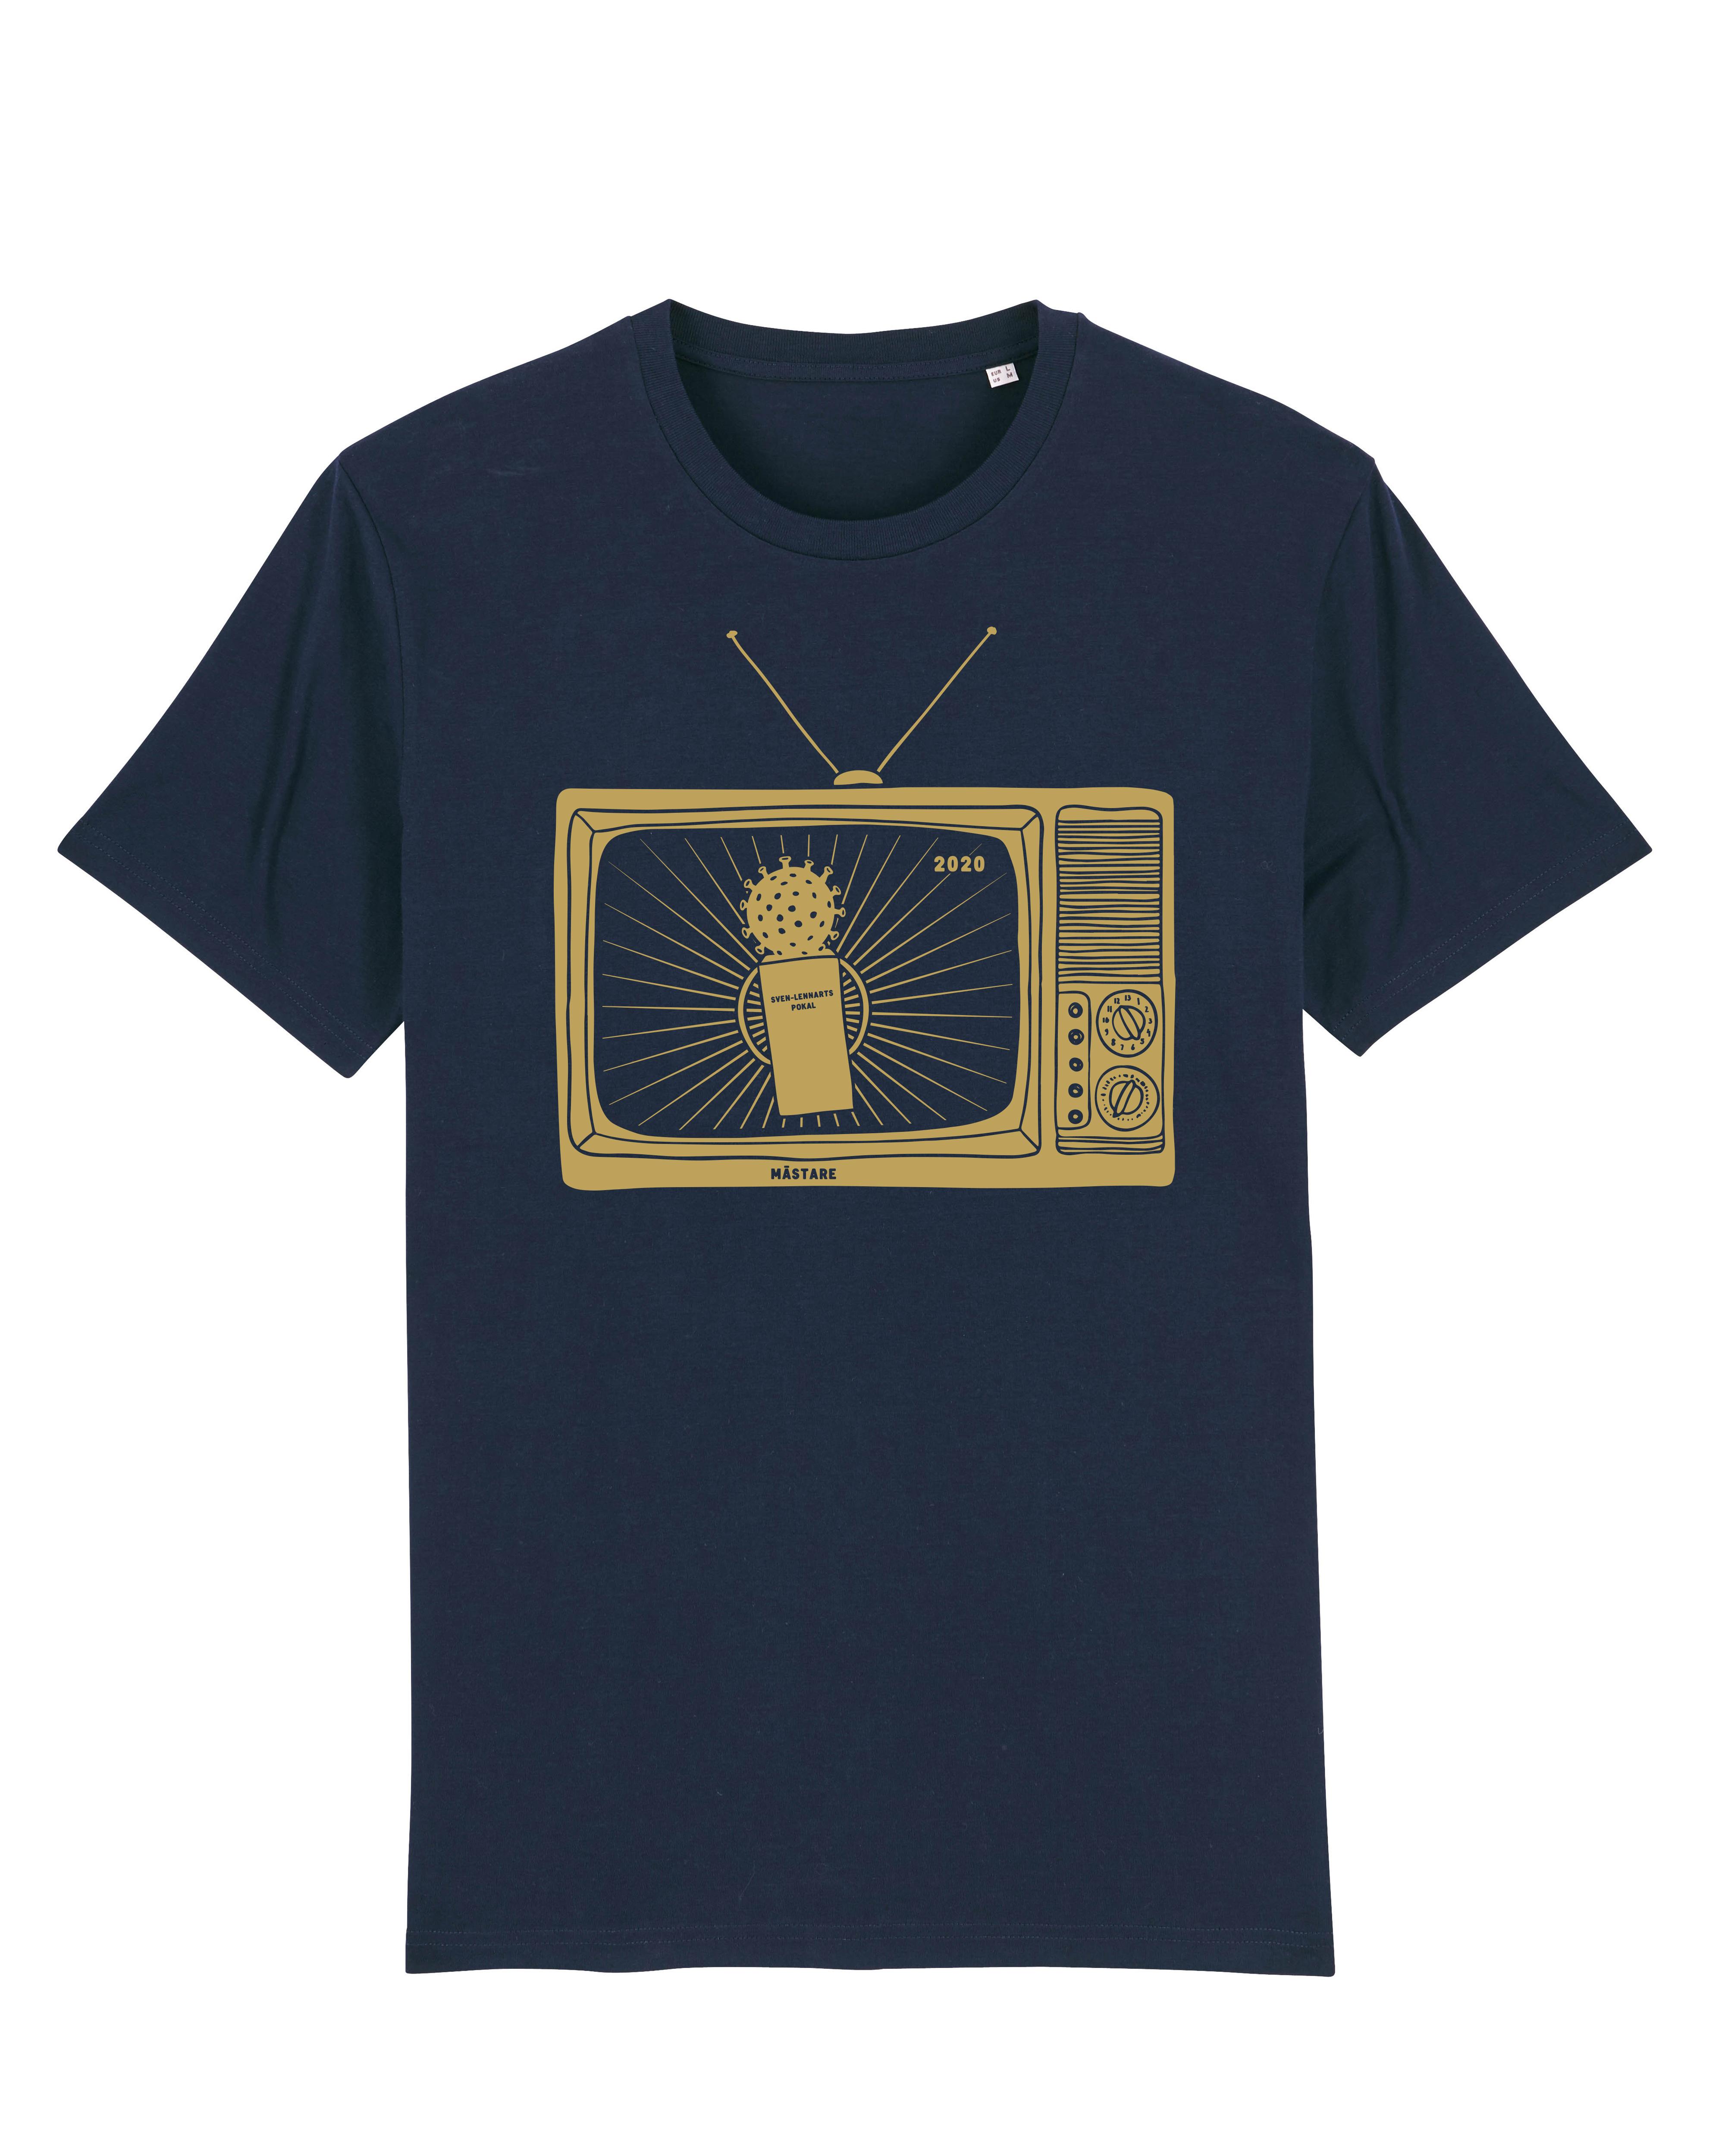 2020 - T-shirt